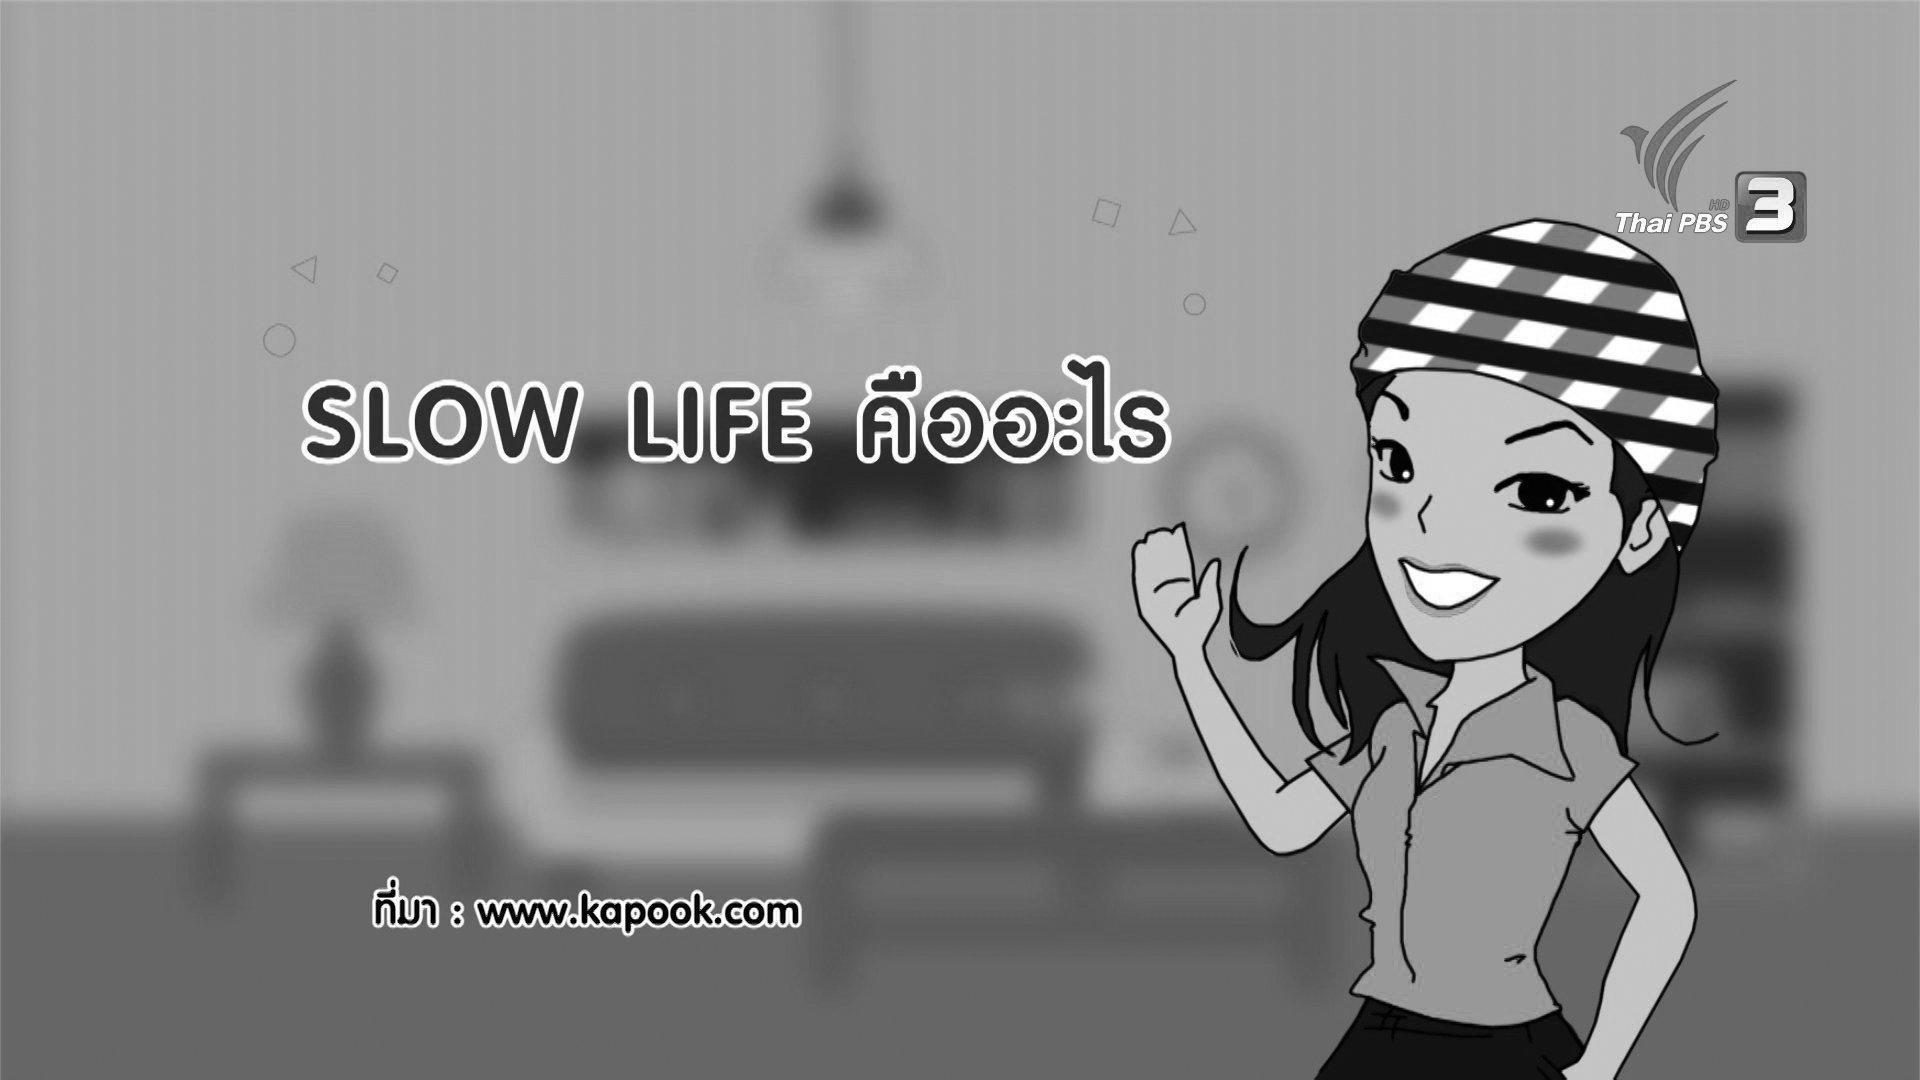 นารีกระจ่าง - รู้หรือไม่ slow life  คืออะไร